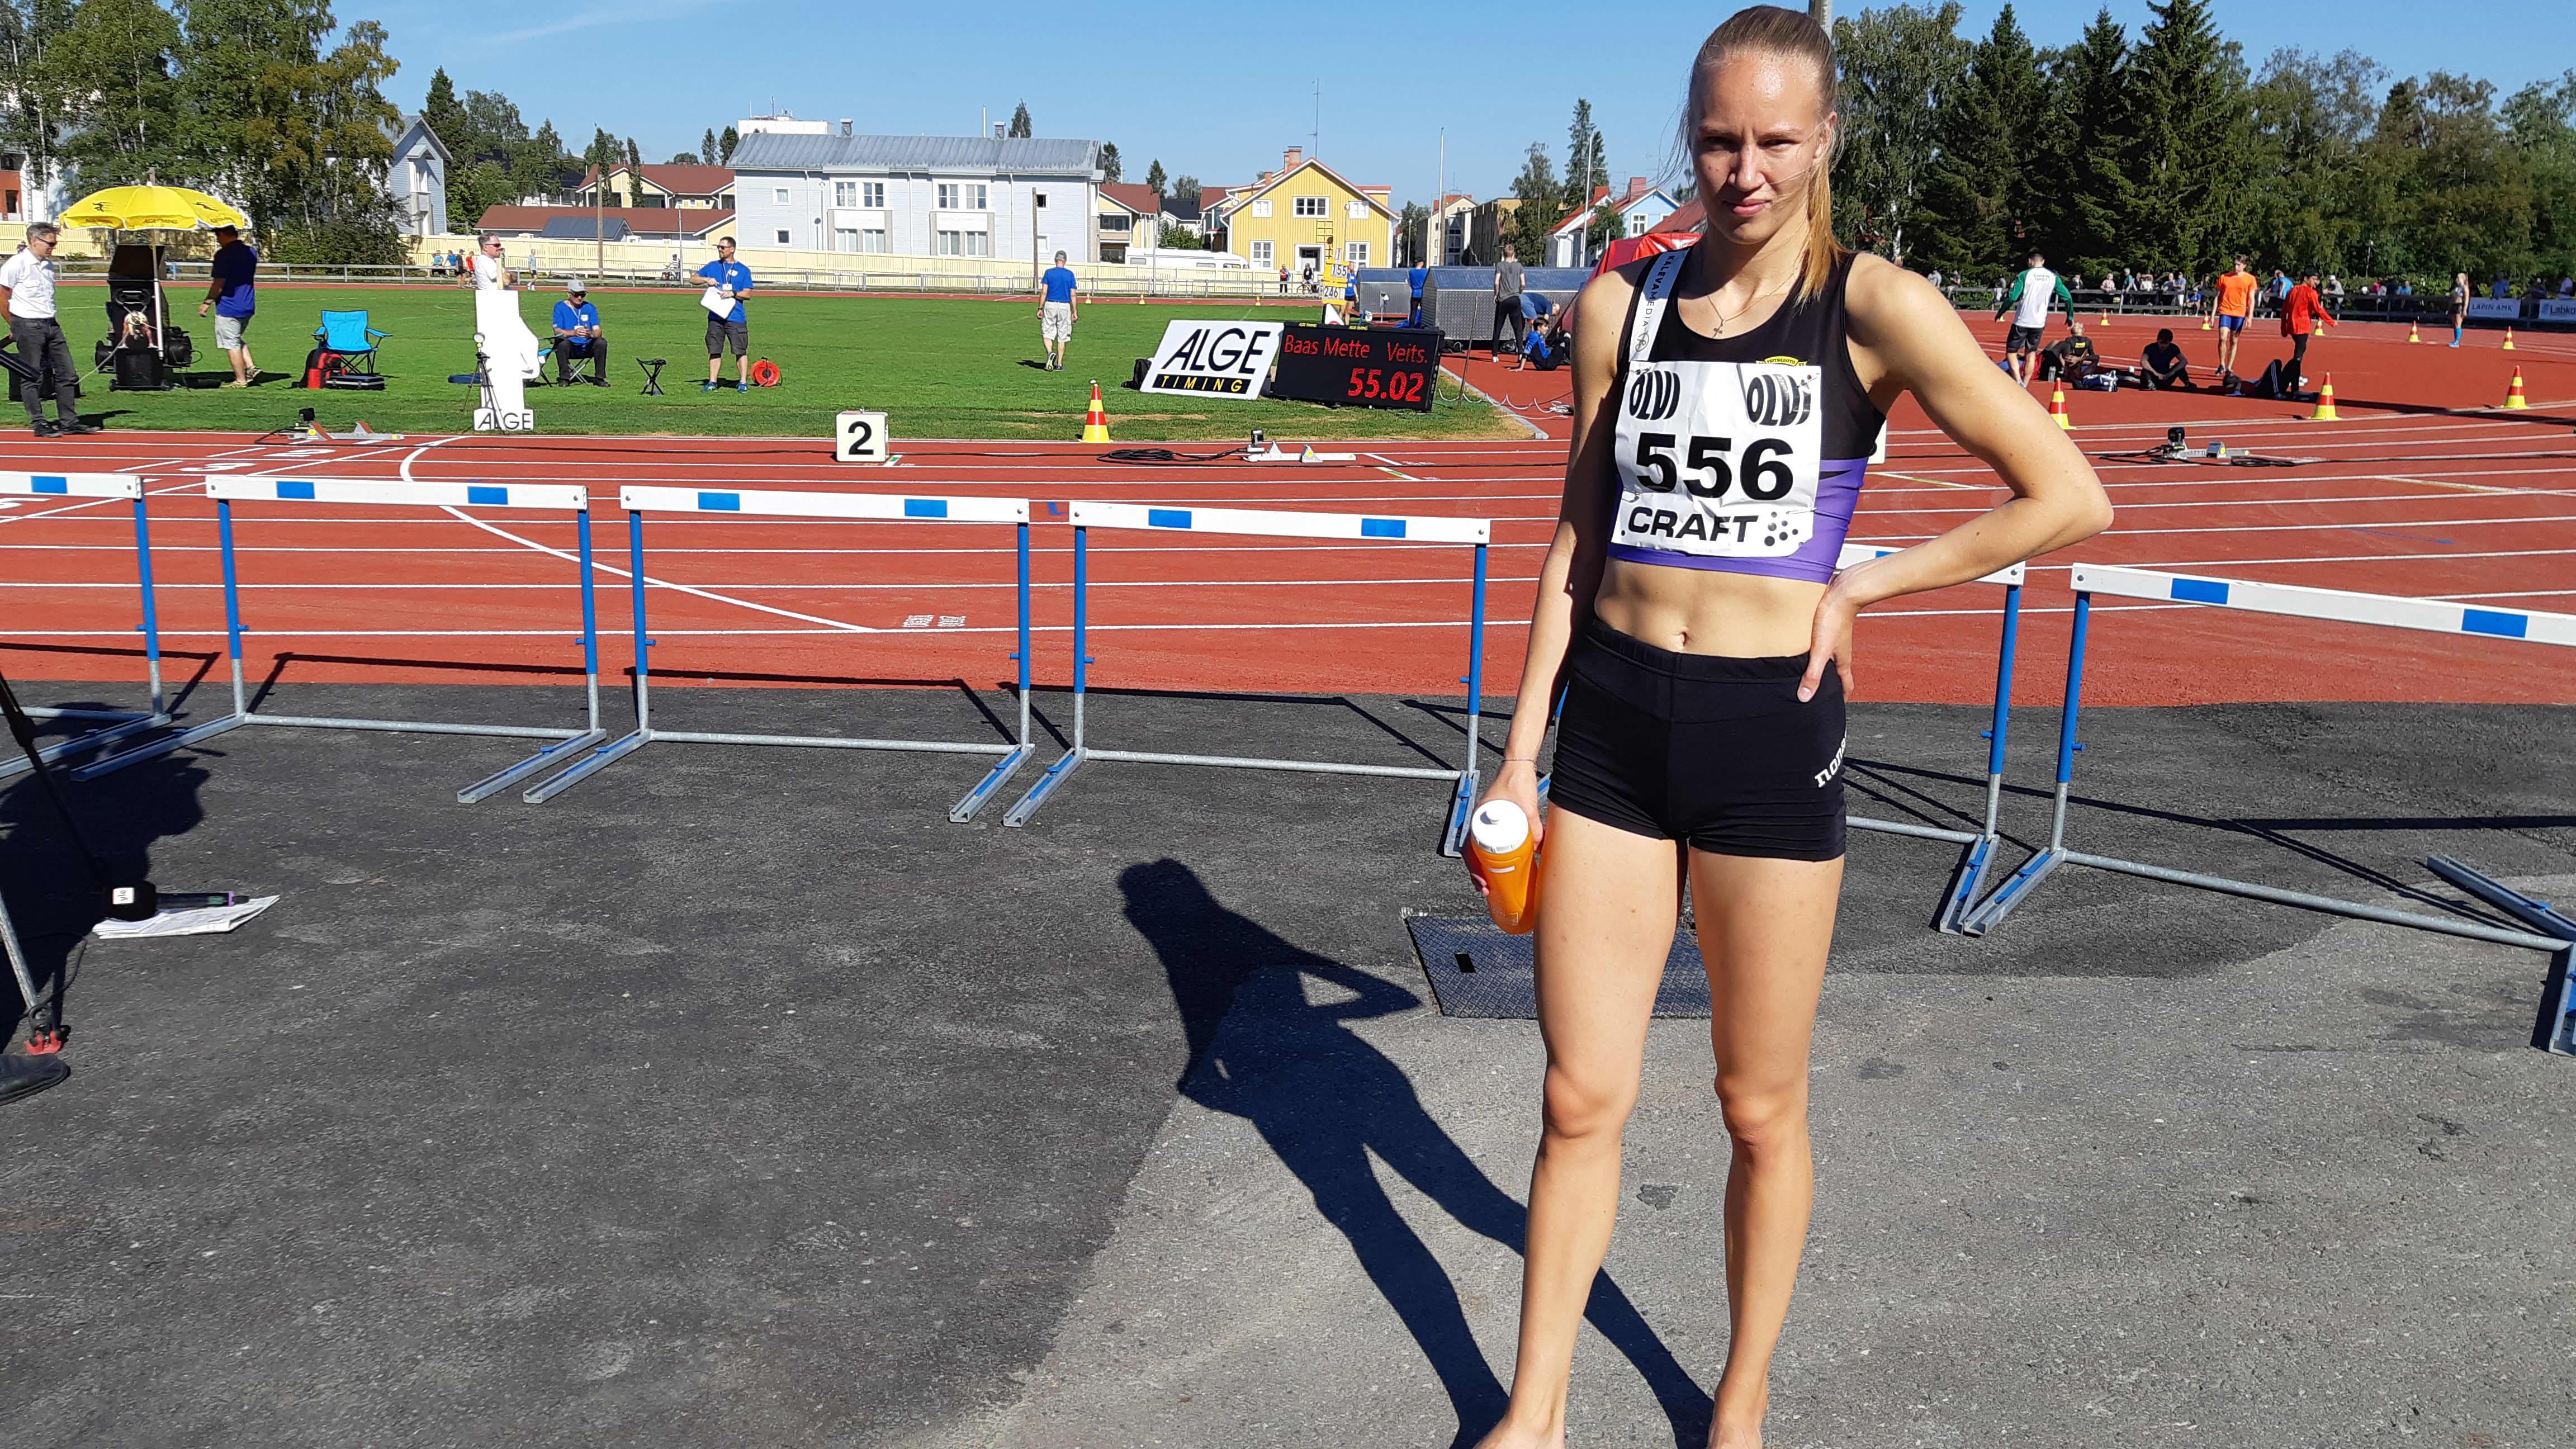 Naisten 22-vuotiaiden 200 metrin juoksun Suomen mestari, Veitsiluodon kisaveikkojen Mette Baas.